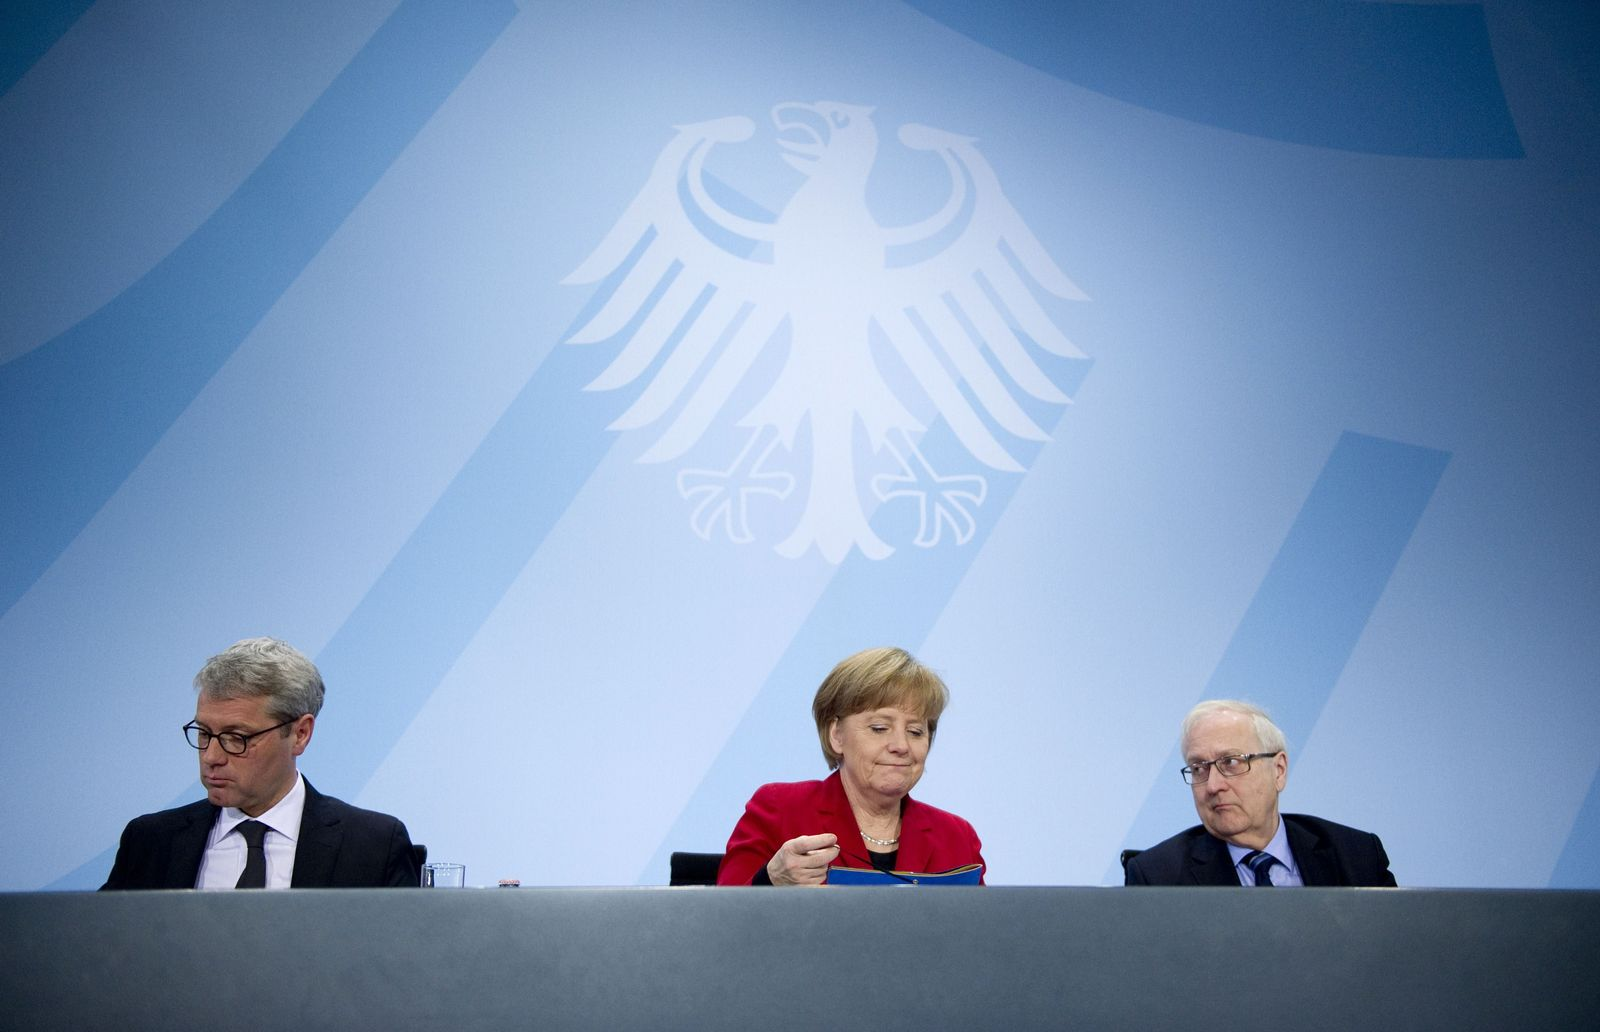 Röttgen Merkel